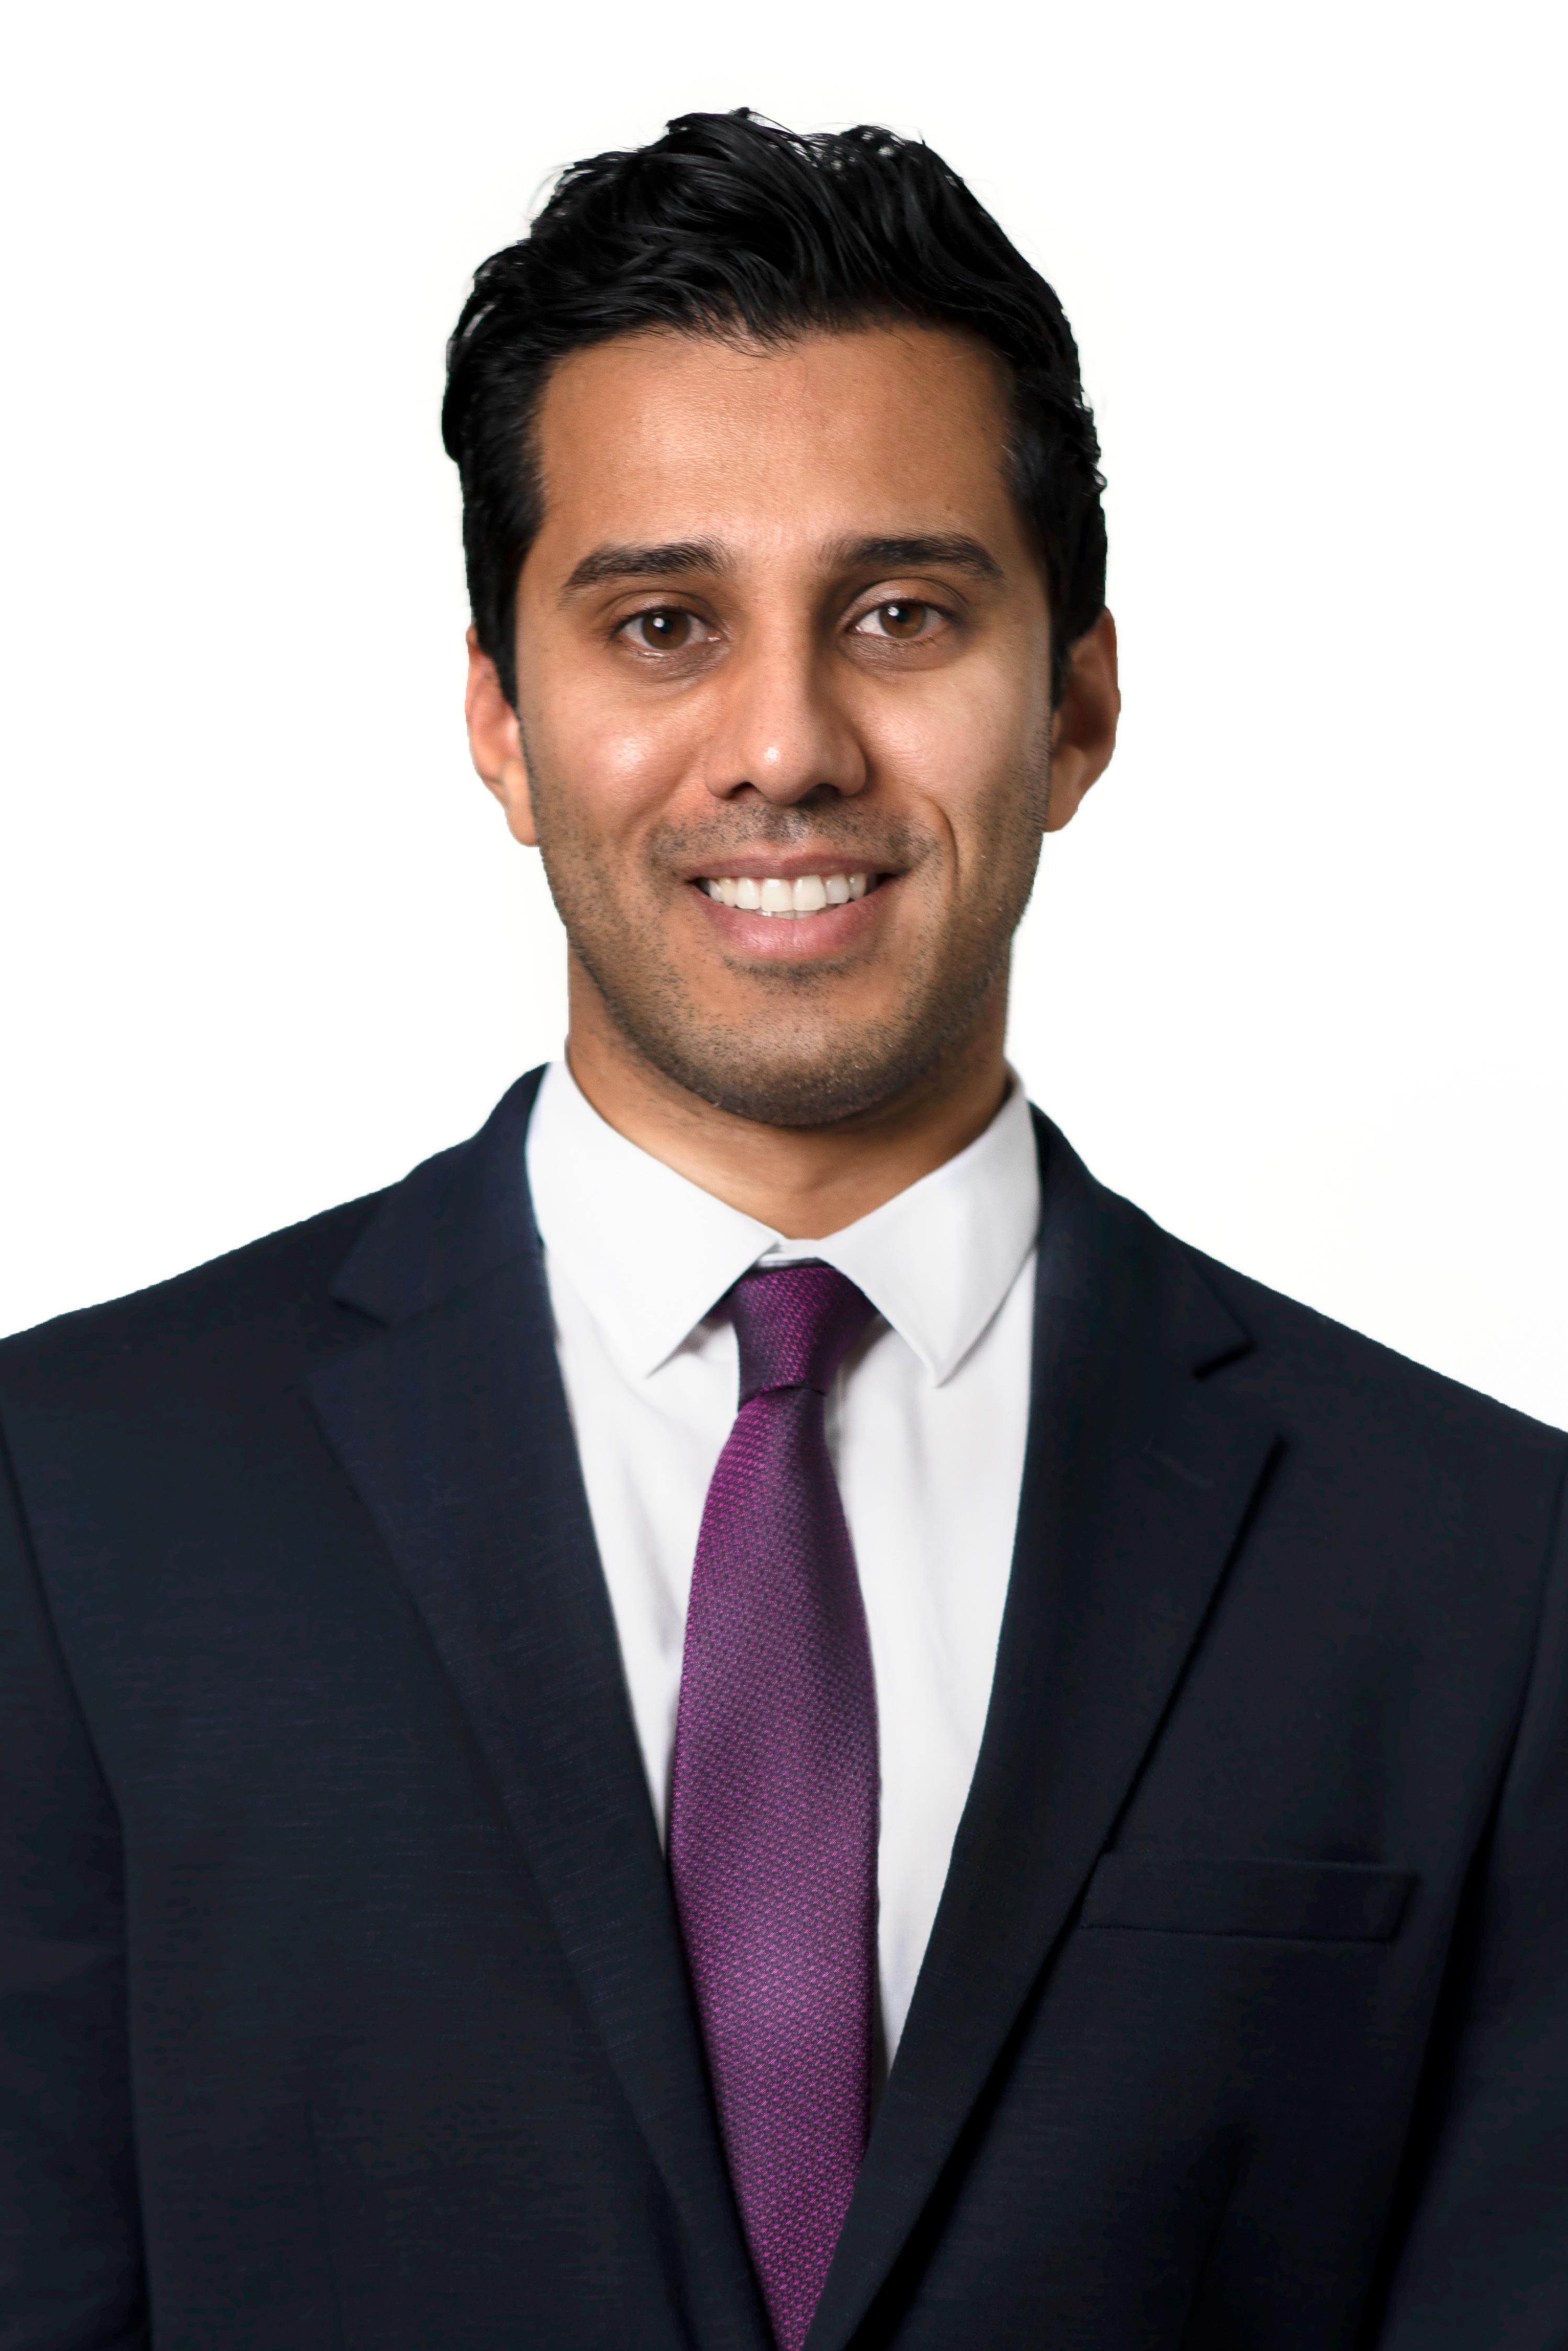 Amandip Sangha, PhD